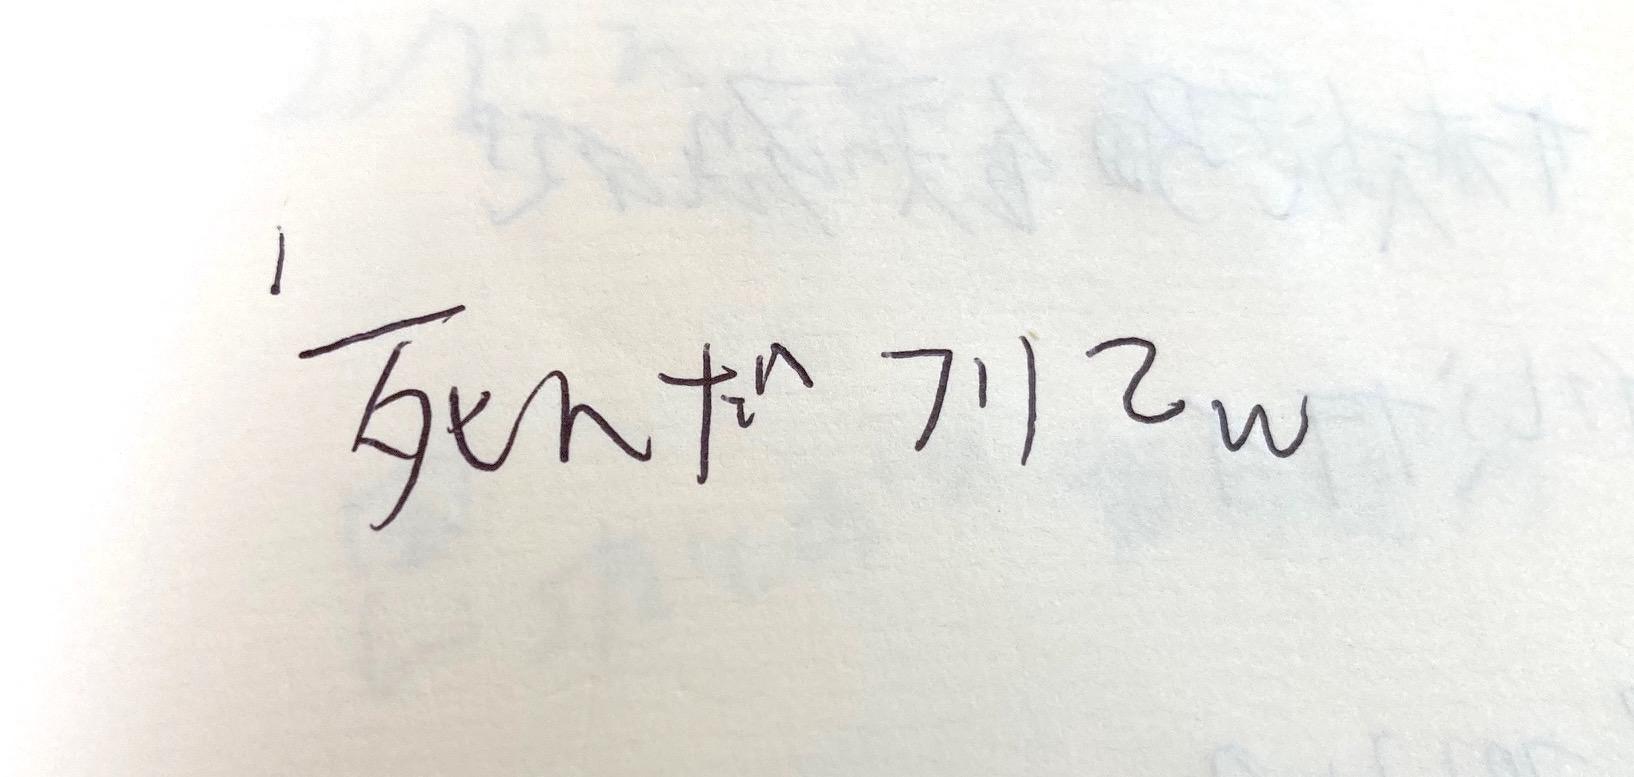 https://www.machikado-creative.jp/wordpress/wp-content/uploads/2021/07/IMG_05131.jpg